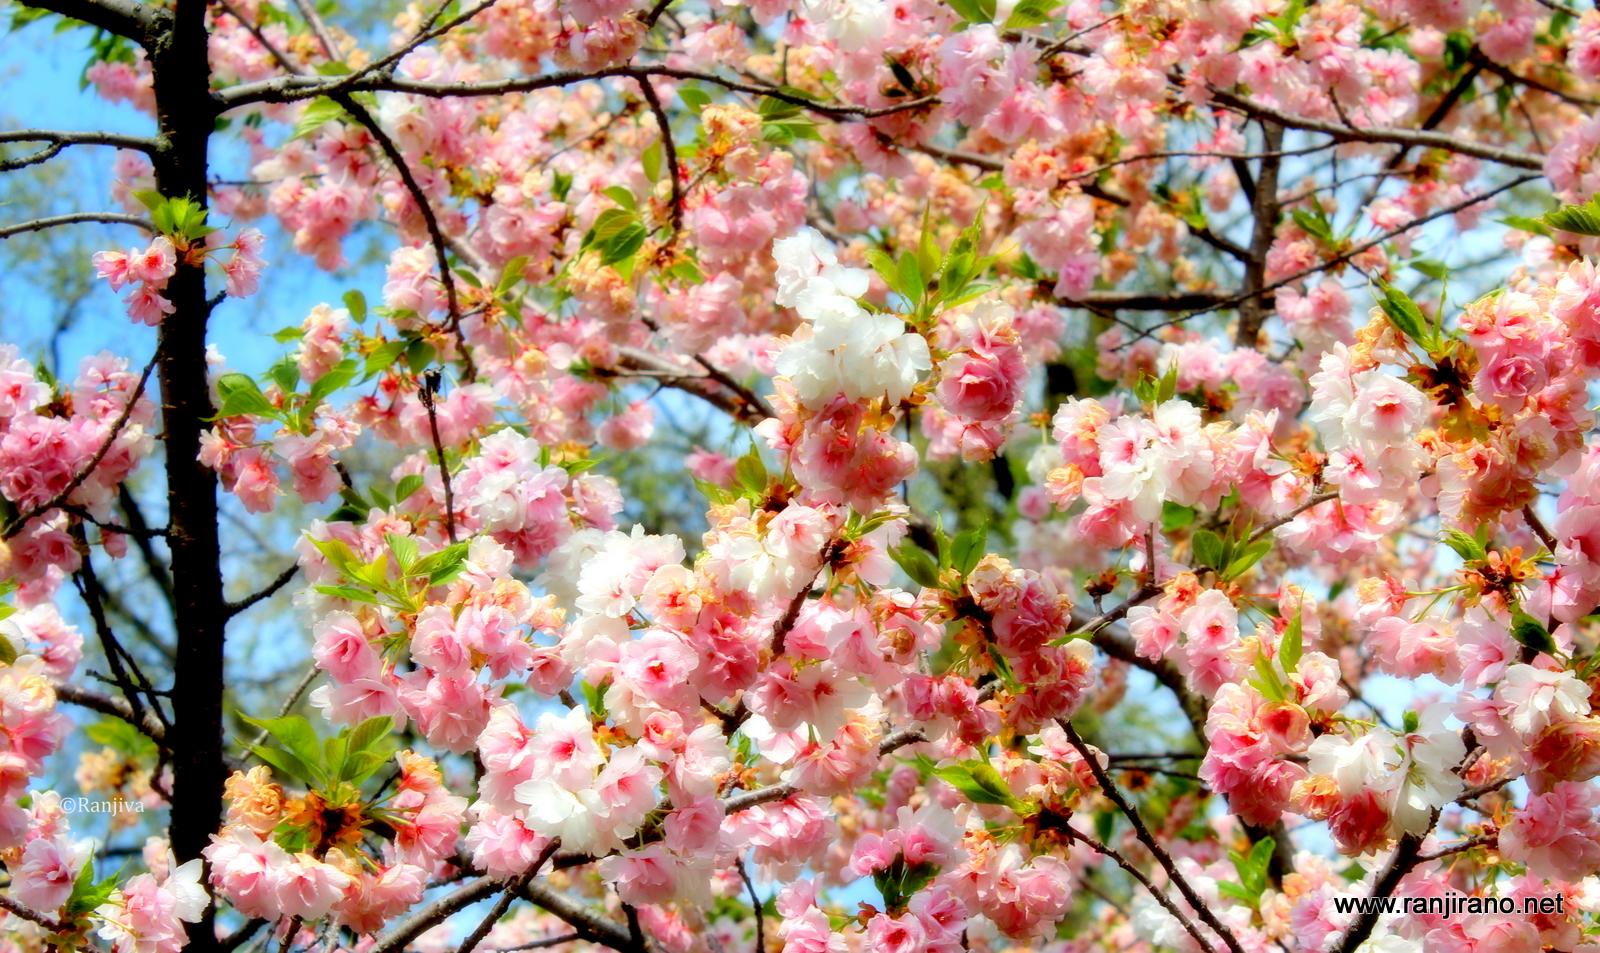 All gorie du printemps des cerisiers et un peintre botticelli paysages et fleurs au fil de - Greffe du cerisier au printemps ...